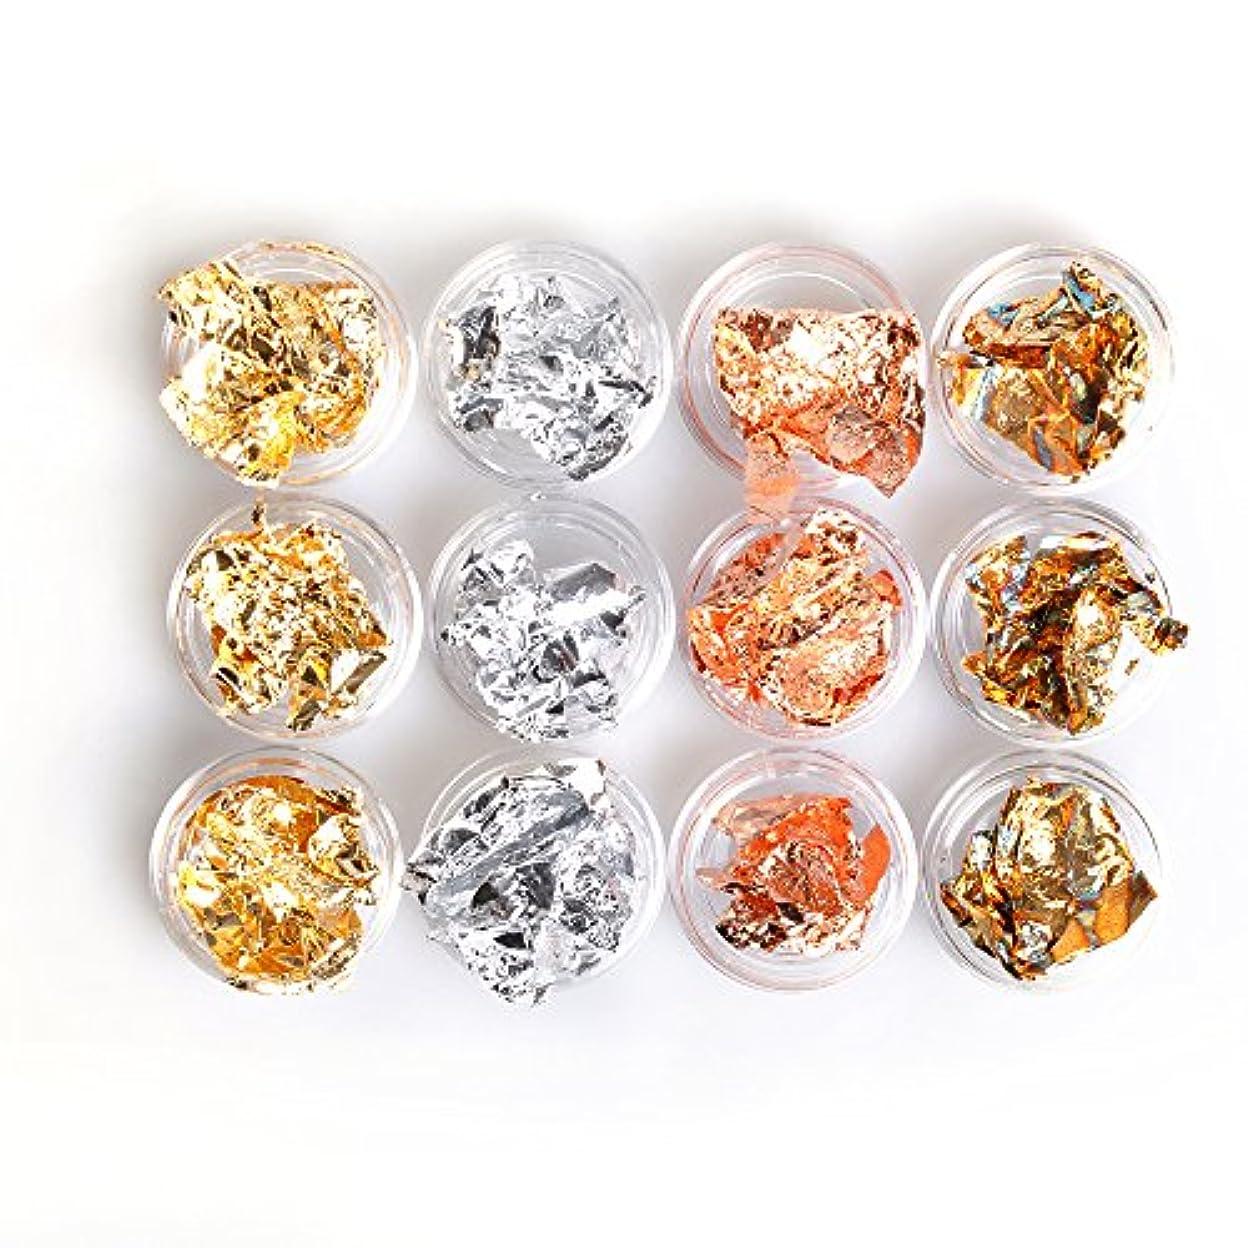 デッキ小売不潔ネイルパーツ ネイル用品金箔 銀箔 12個入り 4色 ケース付き ネイルパーツ ジェルネイル用品